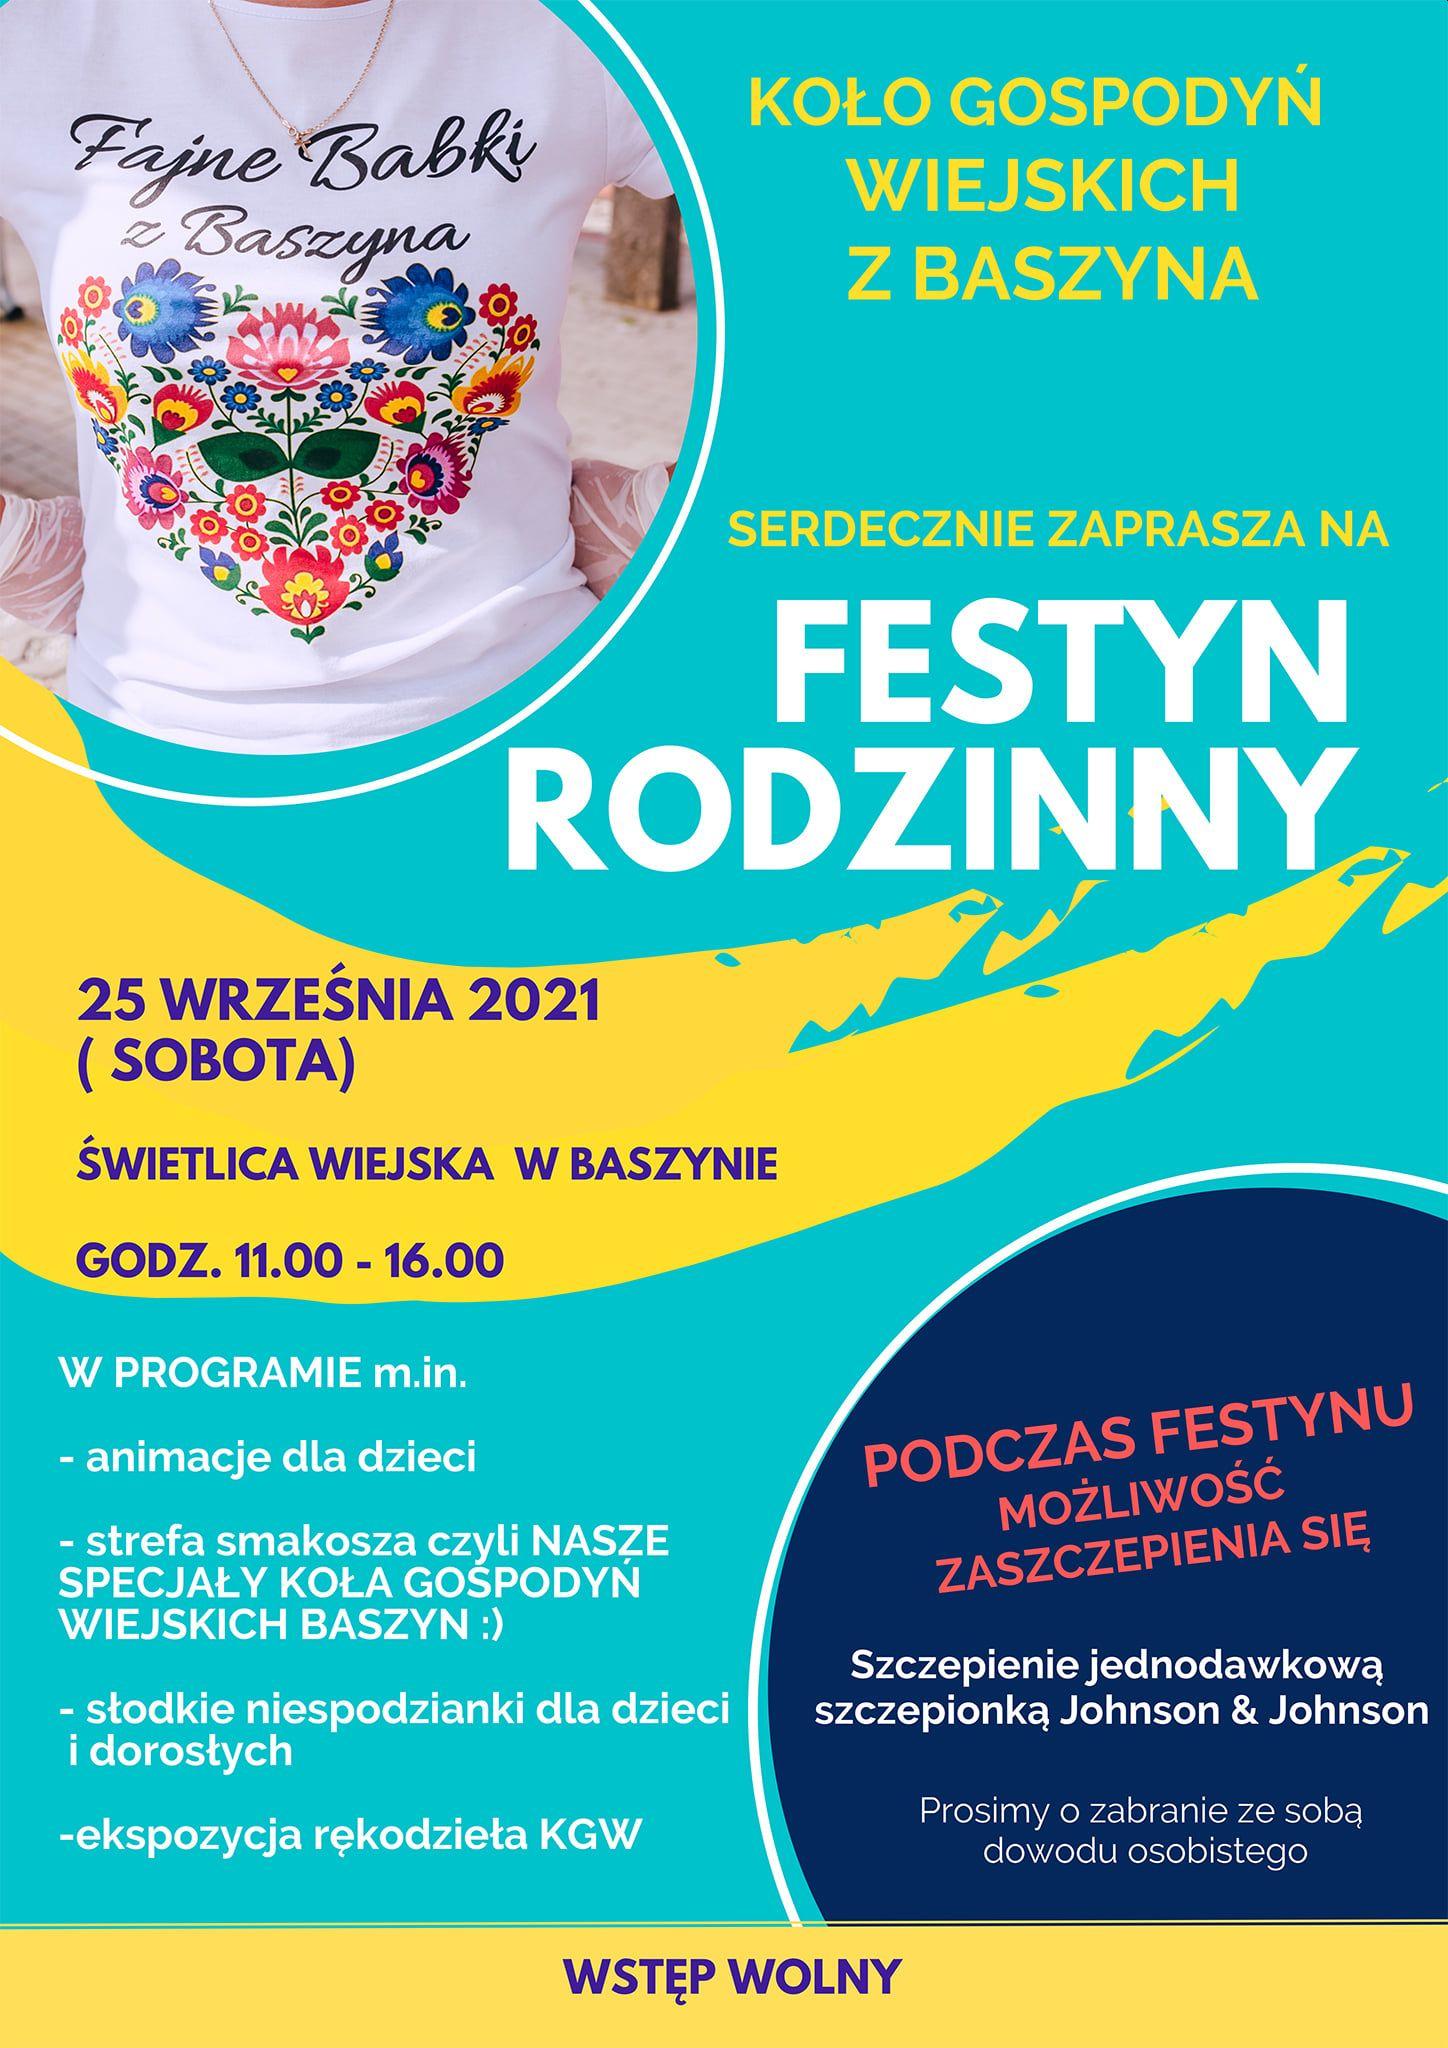 Plakat promujący festyn rodzinny w Baszynie.